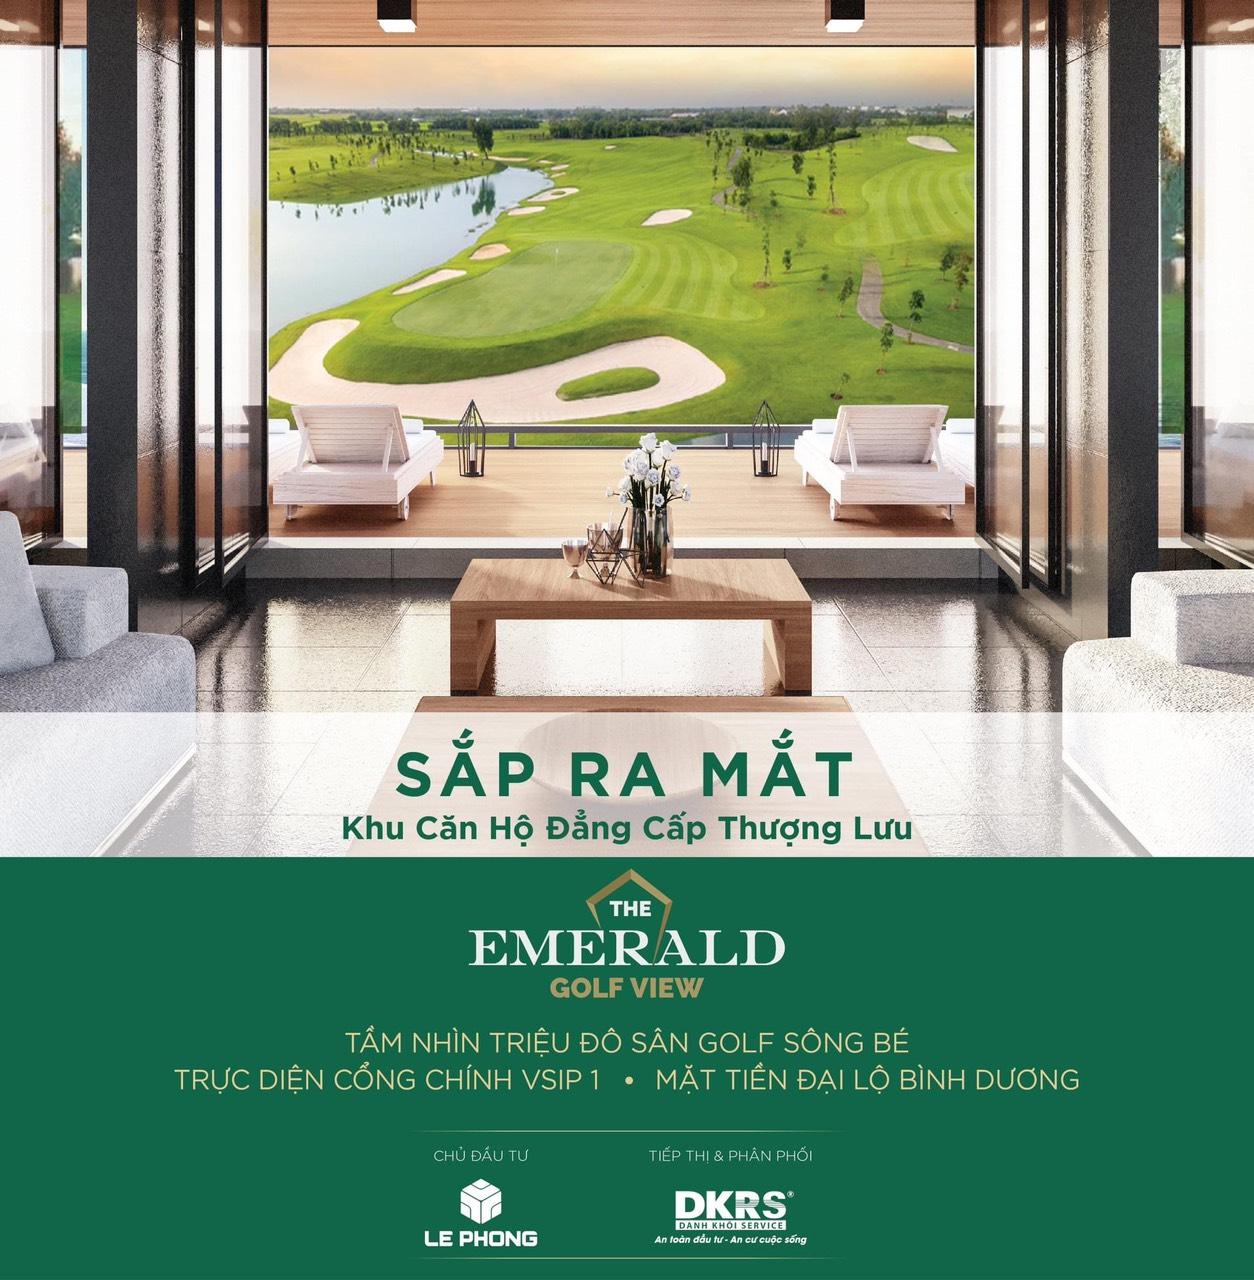 chủ đầu tư The Emerald Golf View